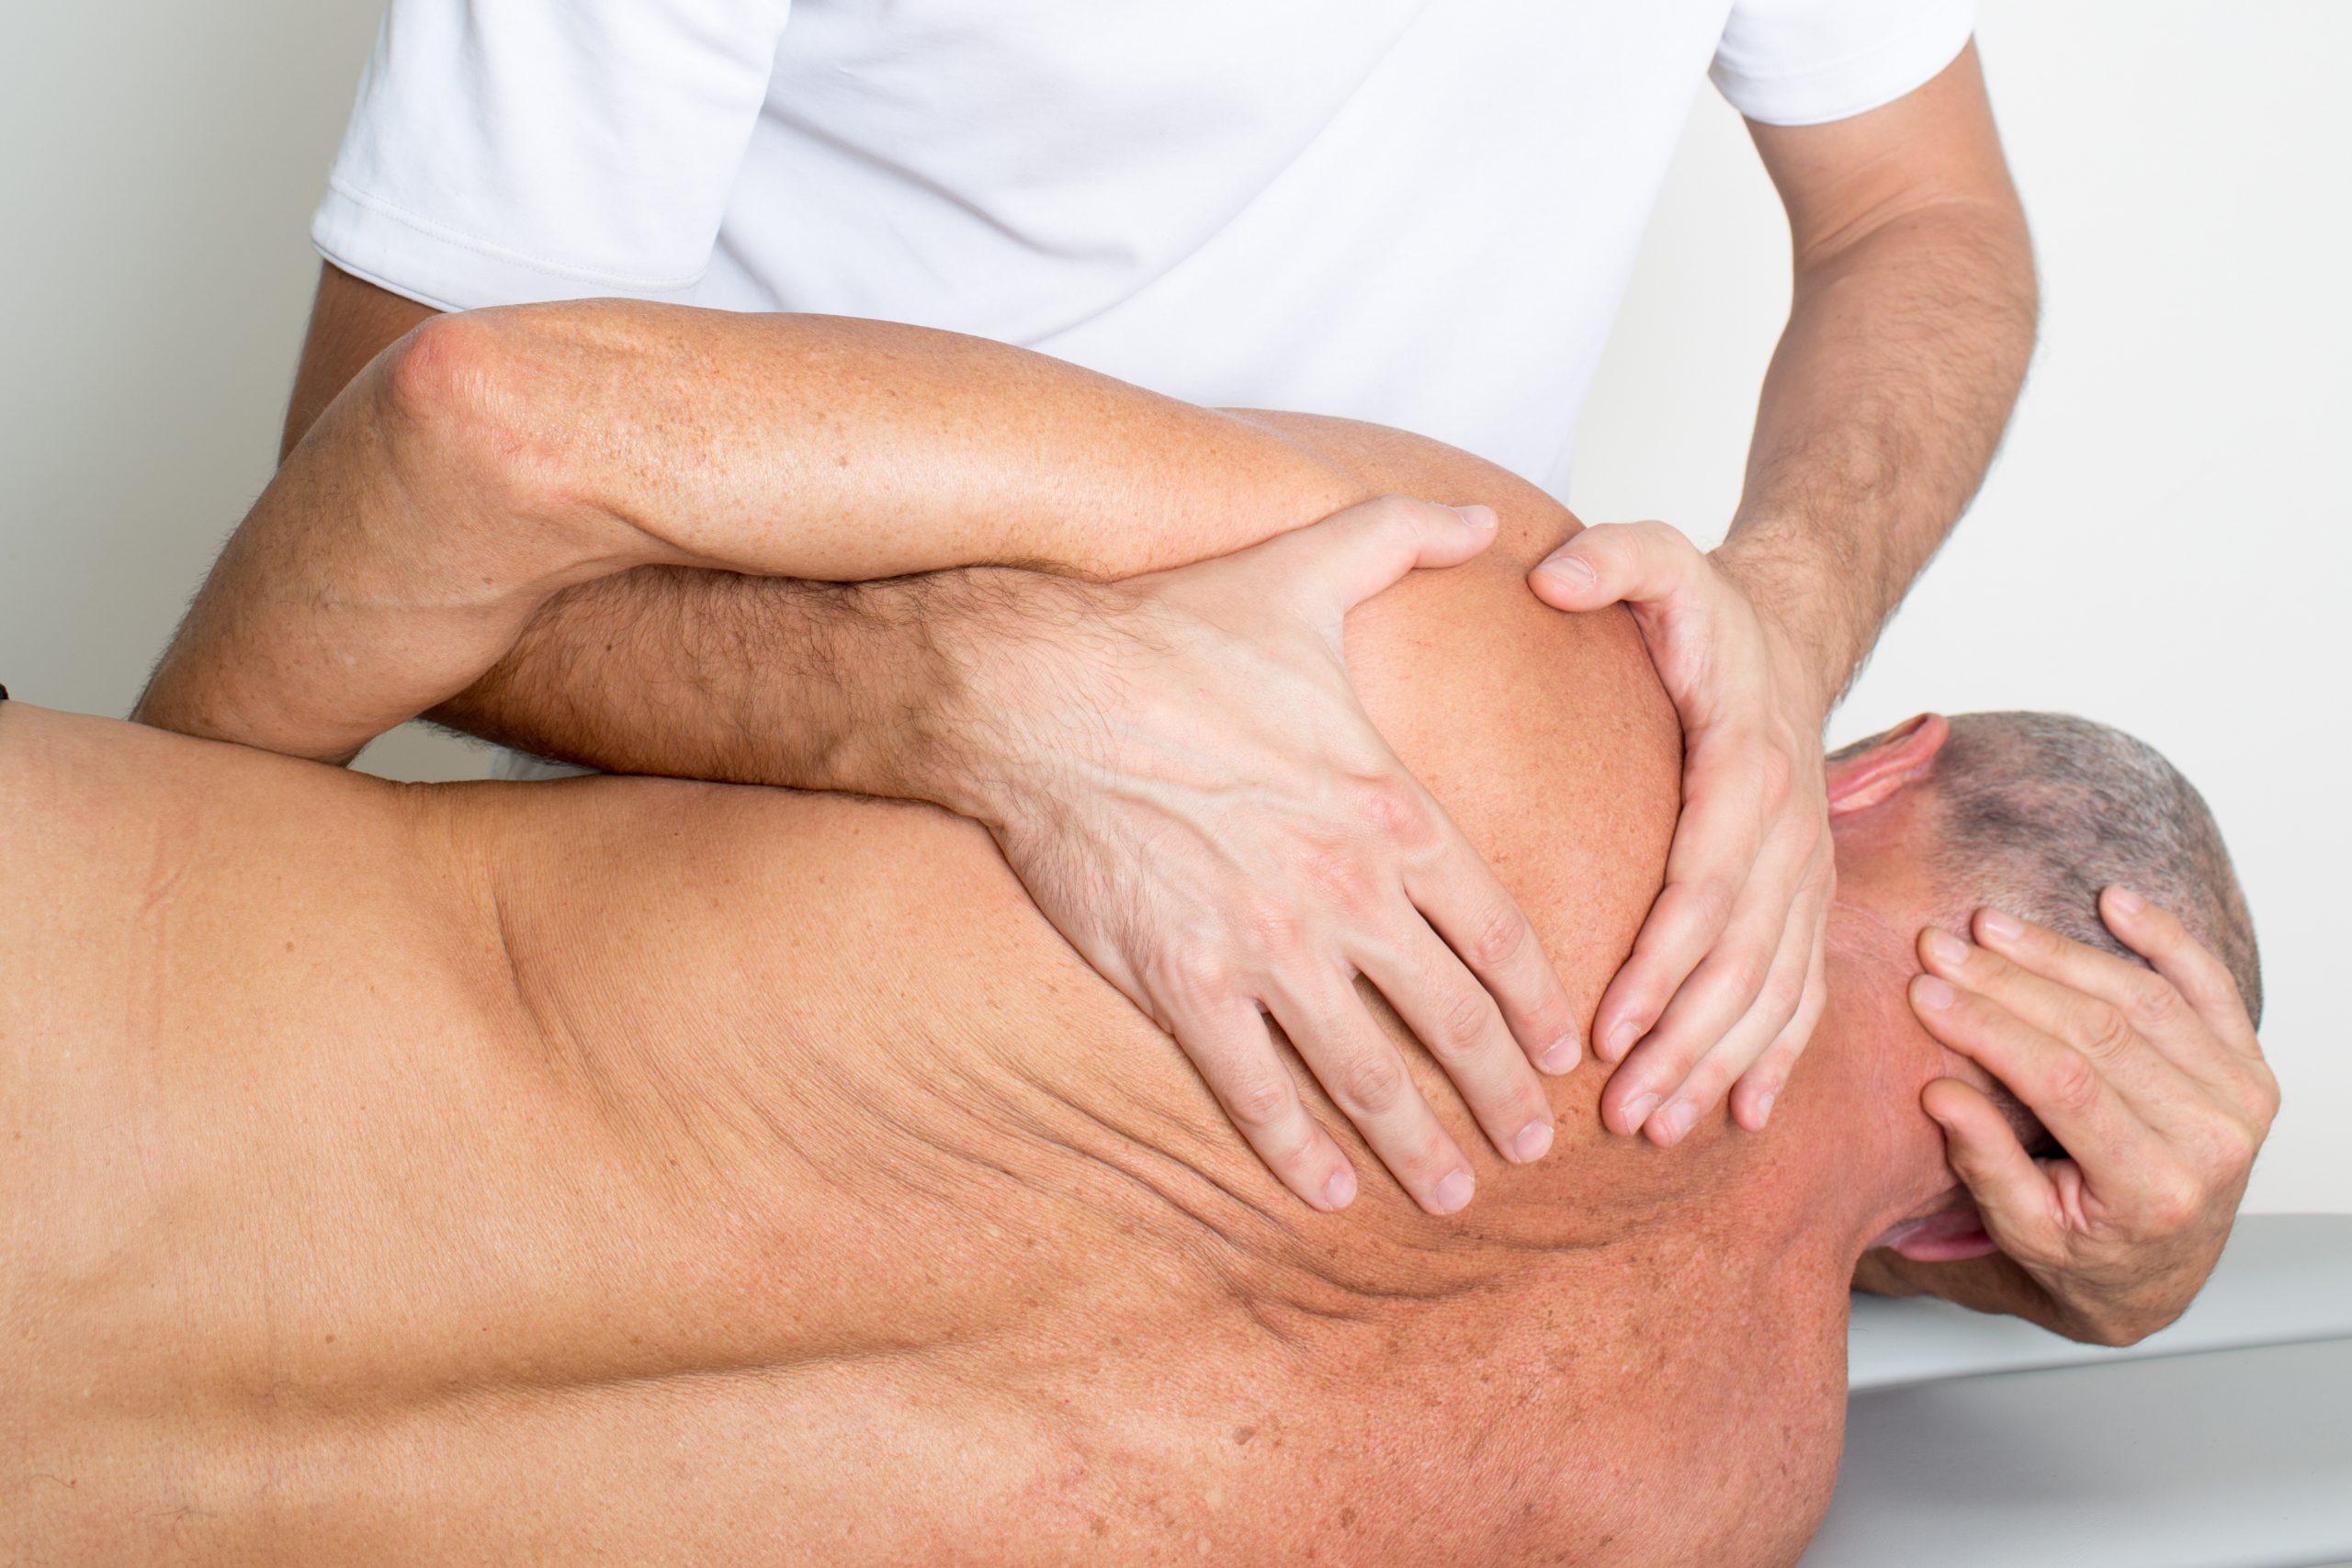 Älterer Mann, bei dem eine Faszienbehandlung zur Auflösung der verklebten Faszien durchgeführt wird.